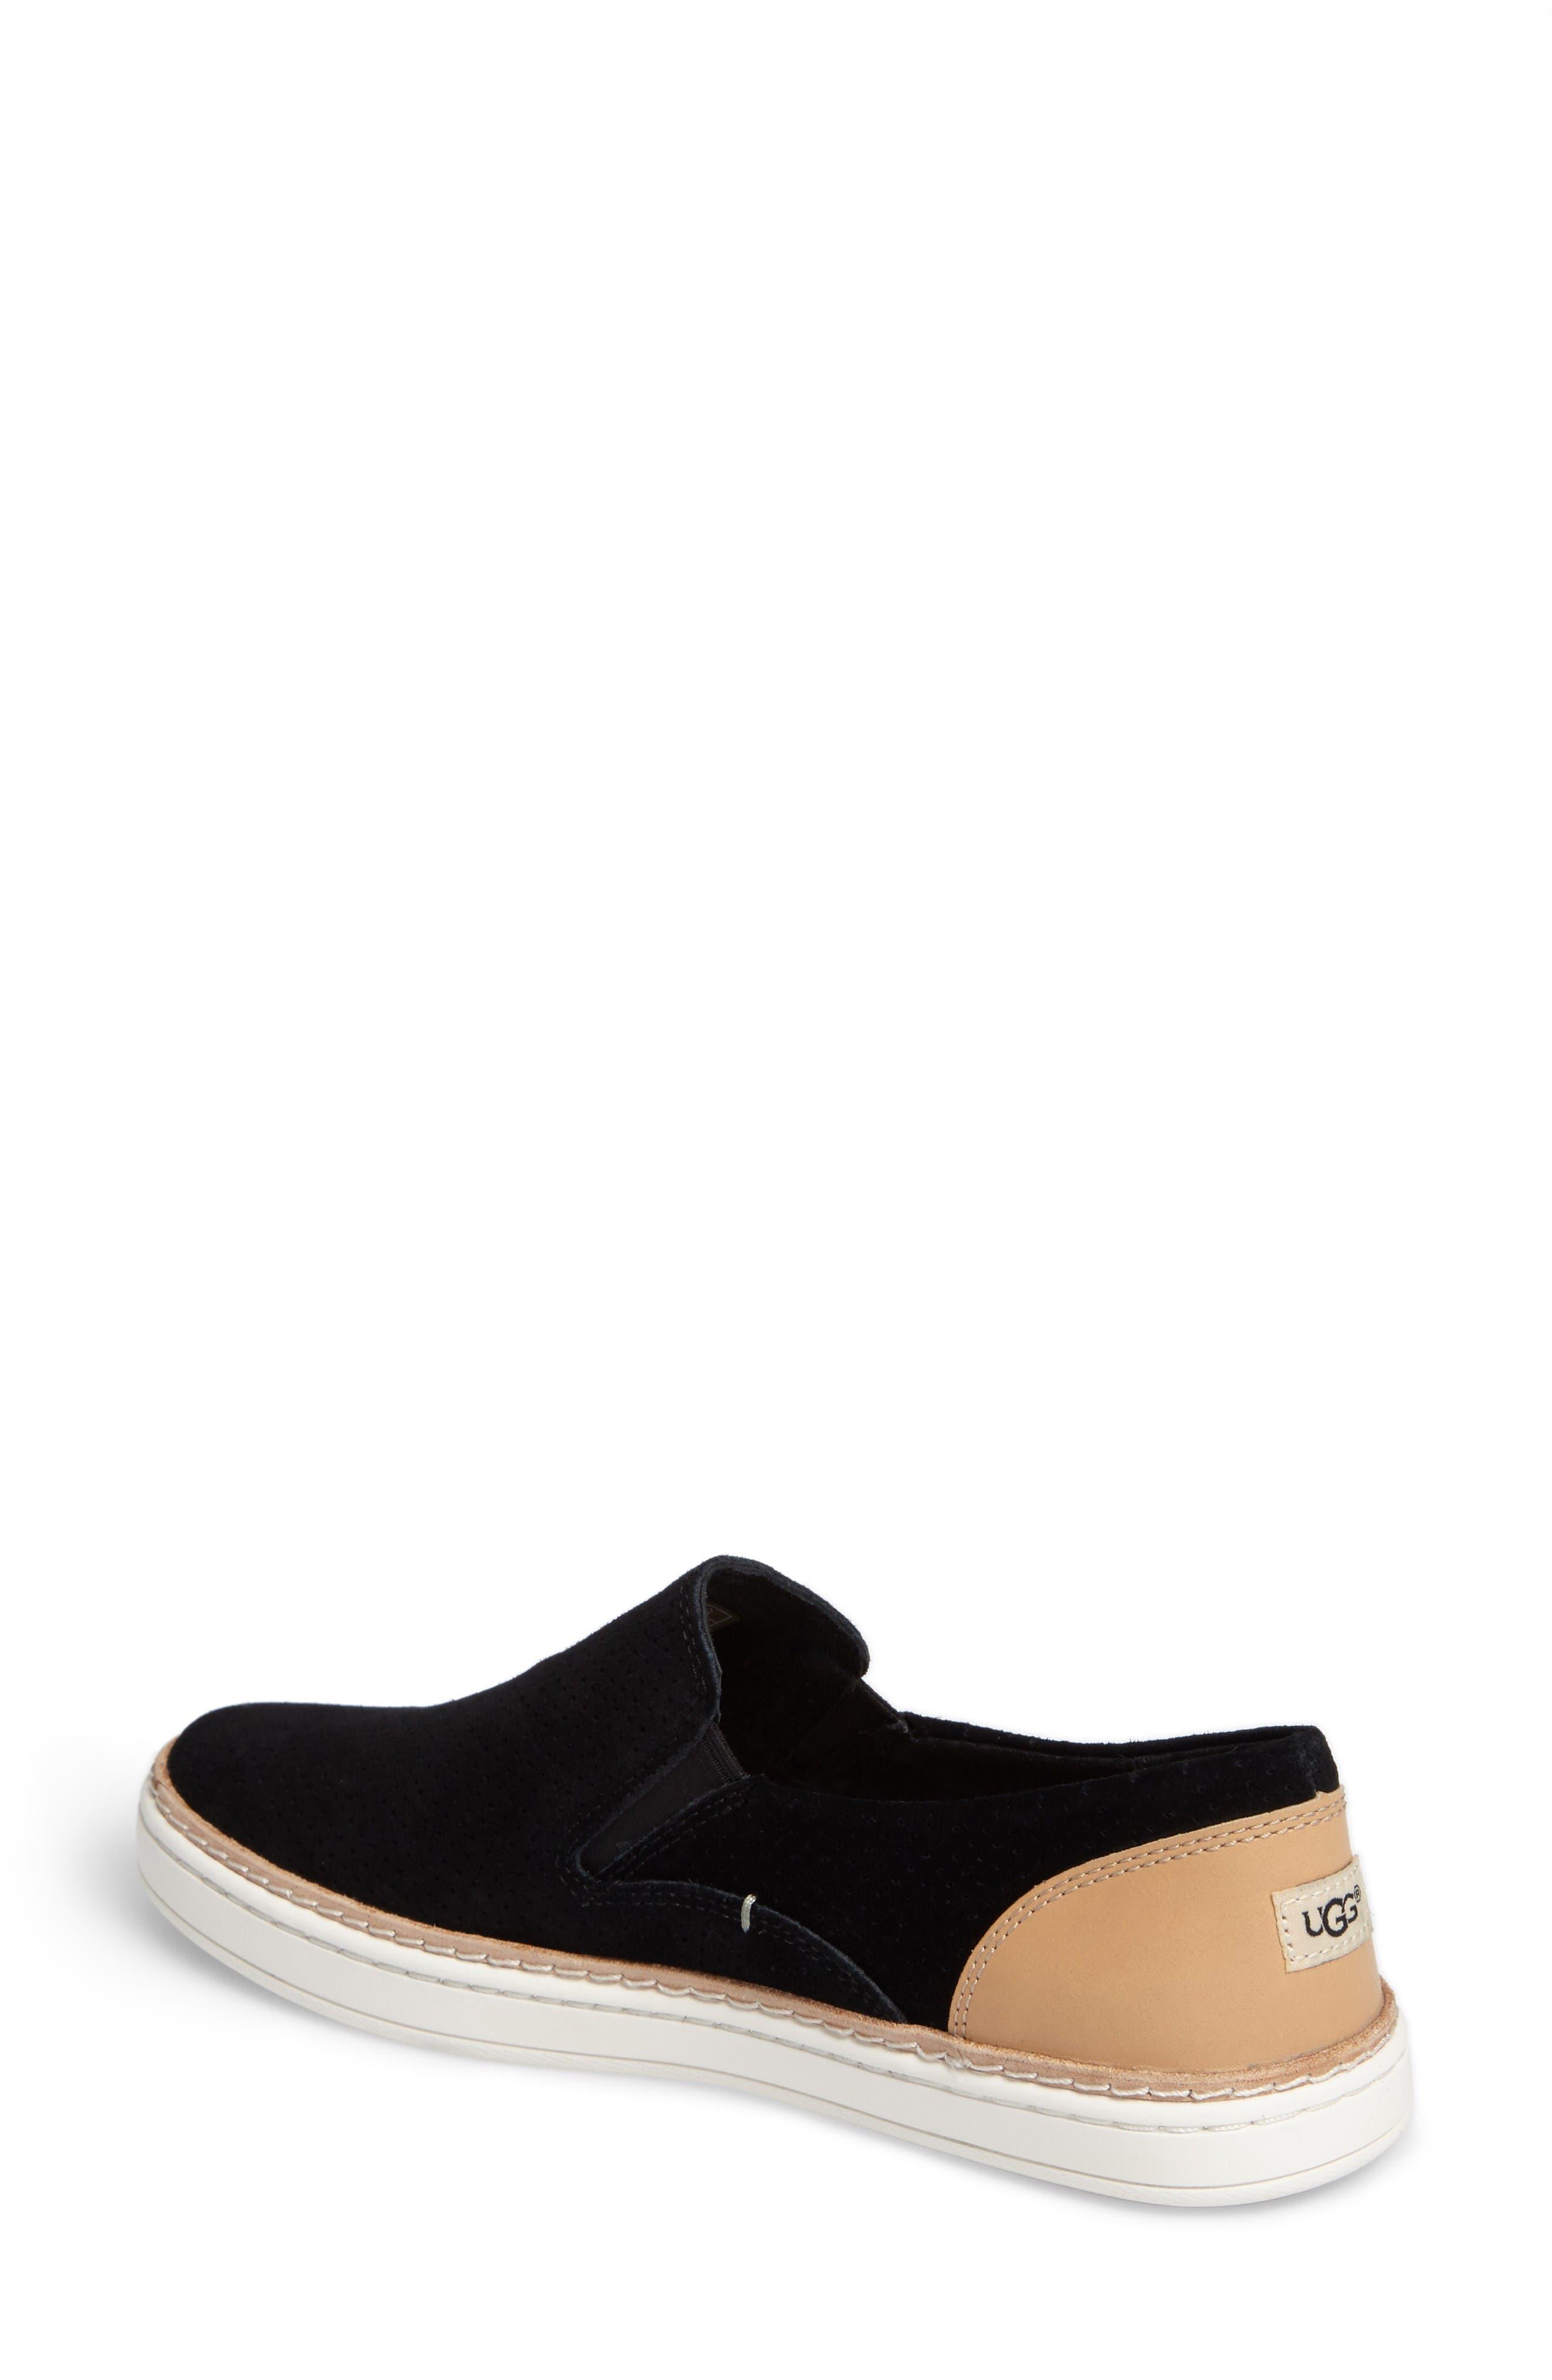 Alternate Image 2  - UGG® Adley Slip-On Sneaker (Women)